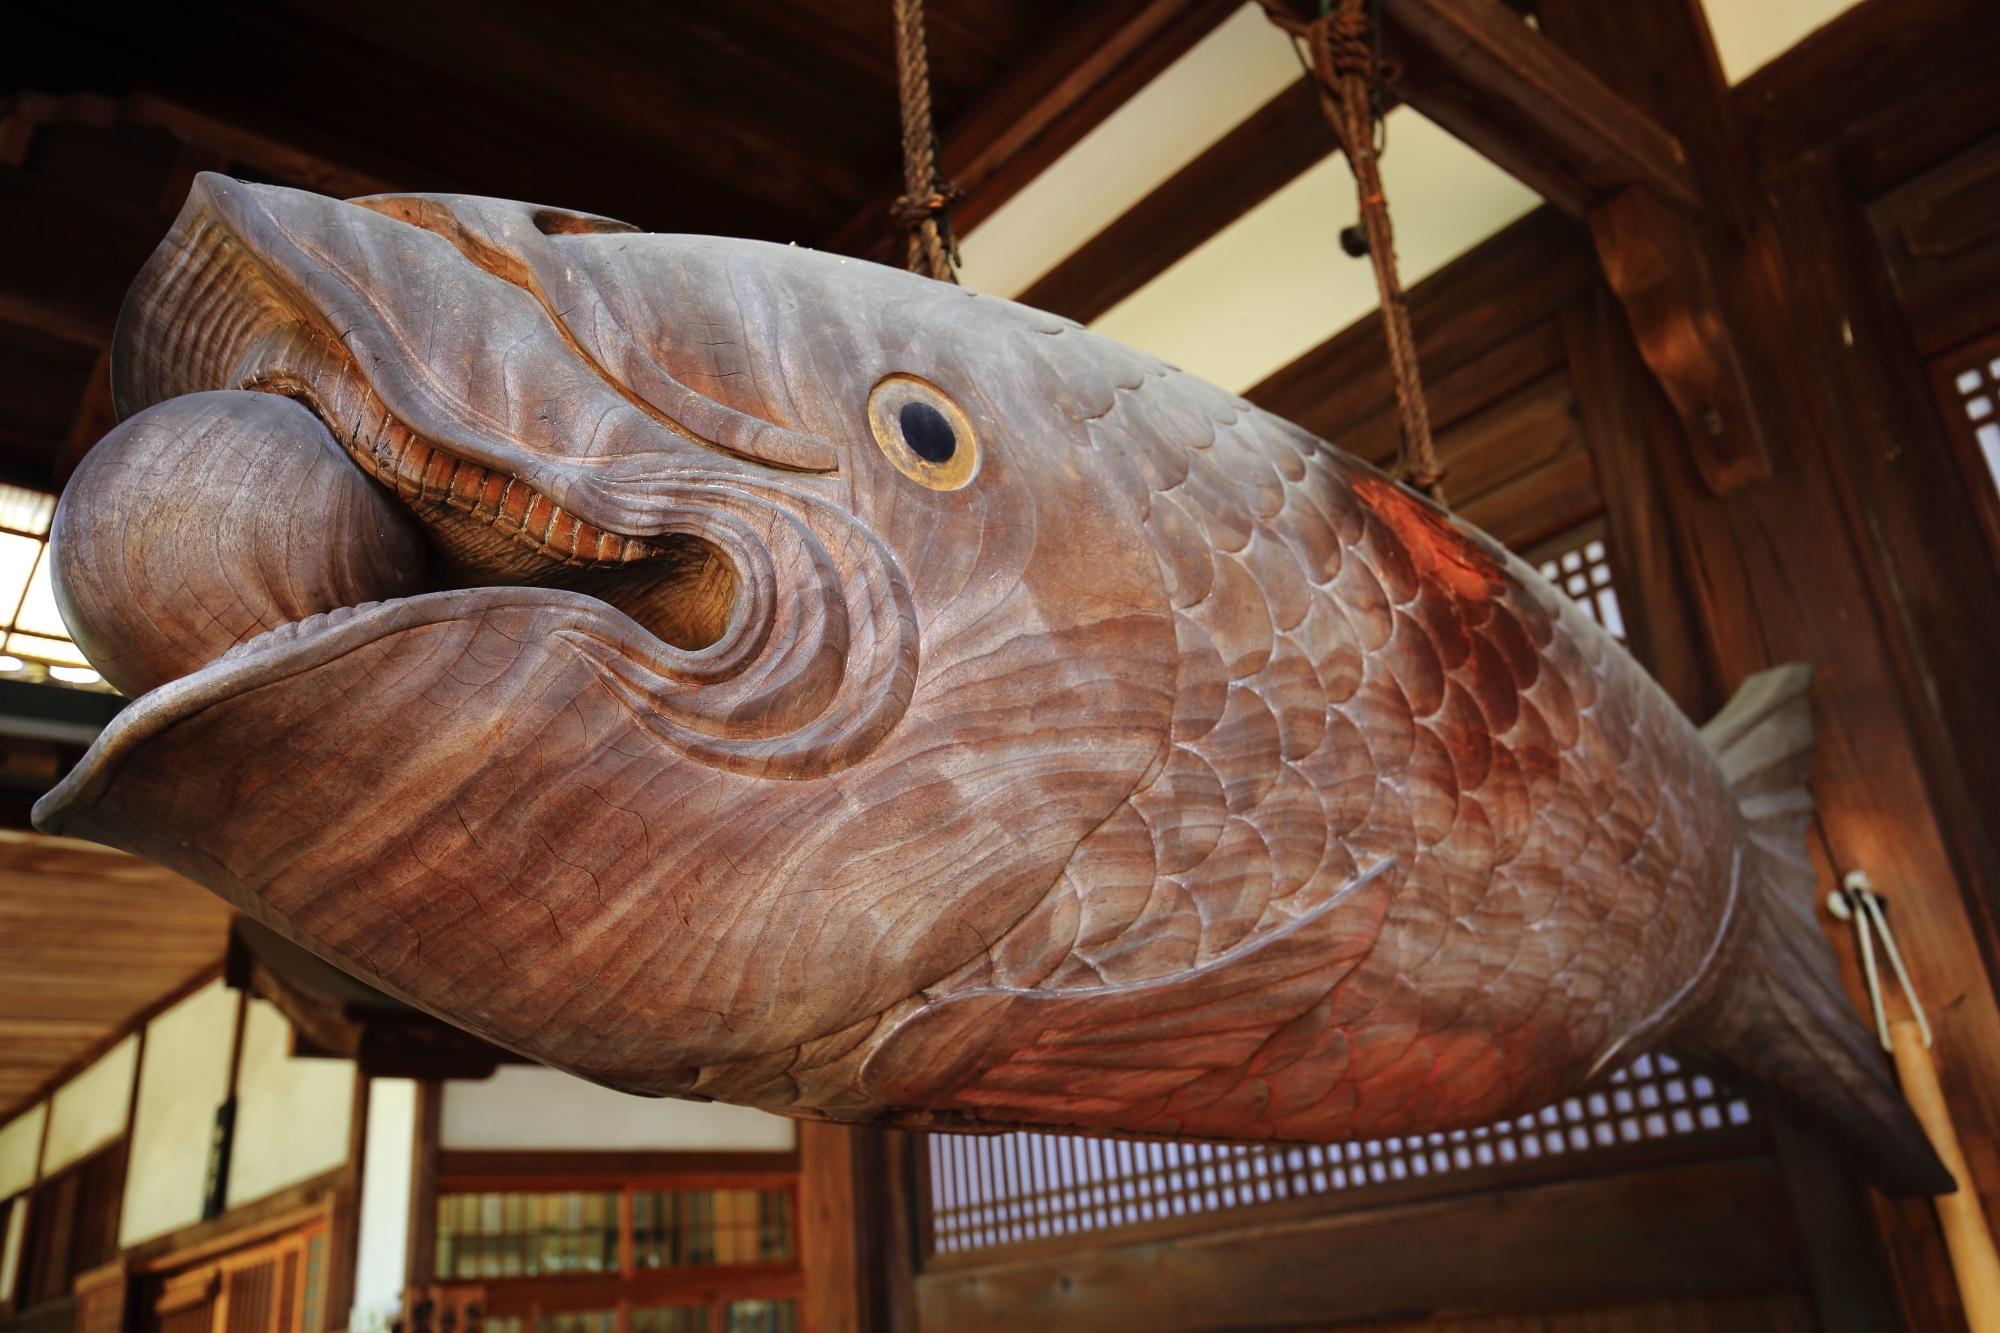 現在も利用されている時刻を知らせる法具である萬福寺の魚の開版(かいぱん)